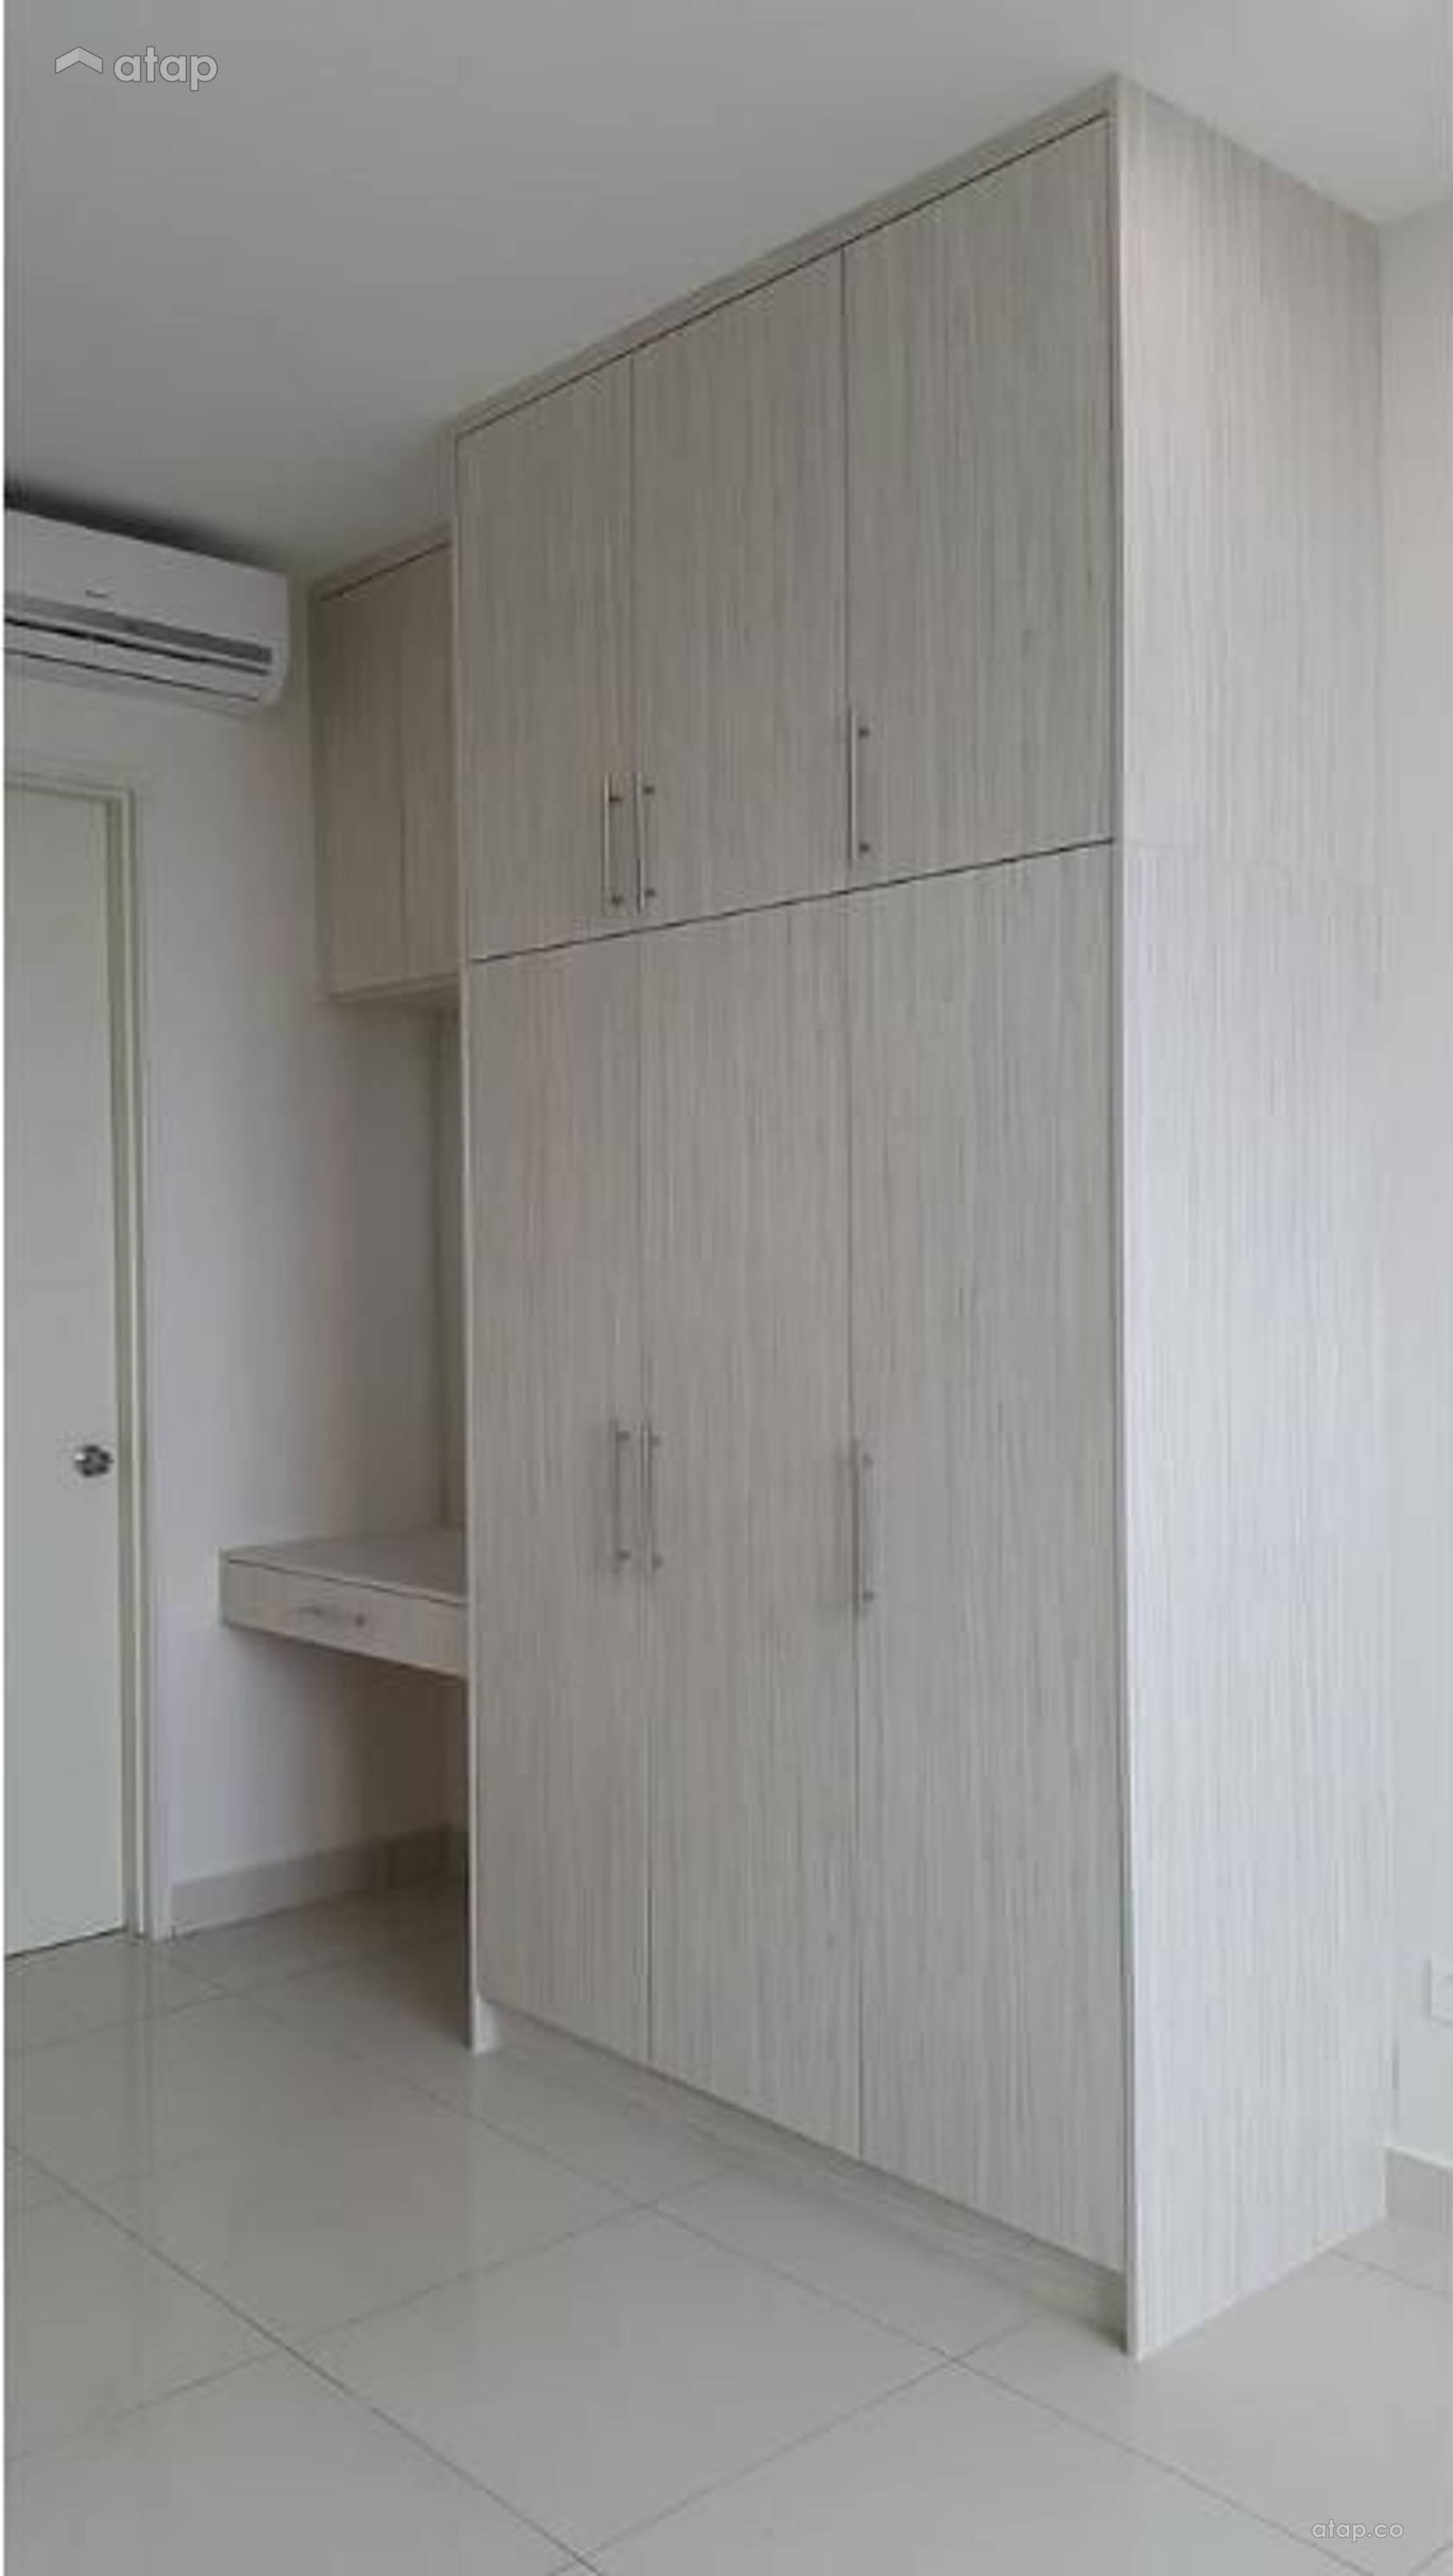 regina usj 1 condo interior design renovation ideas photos and 1 6